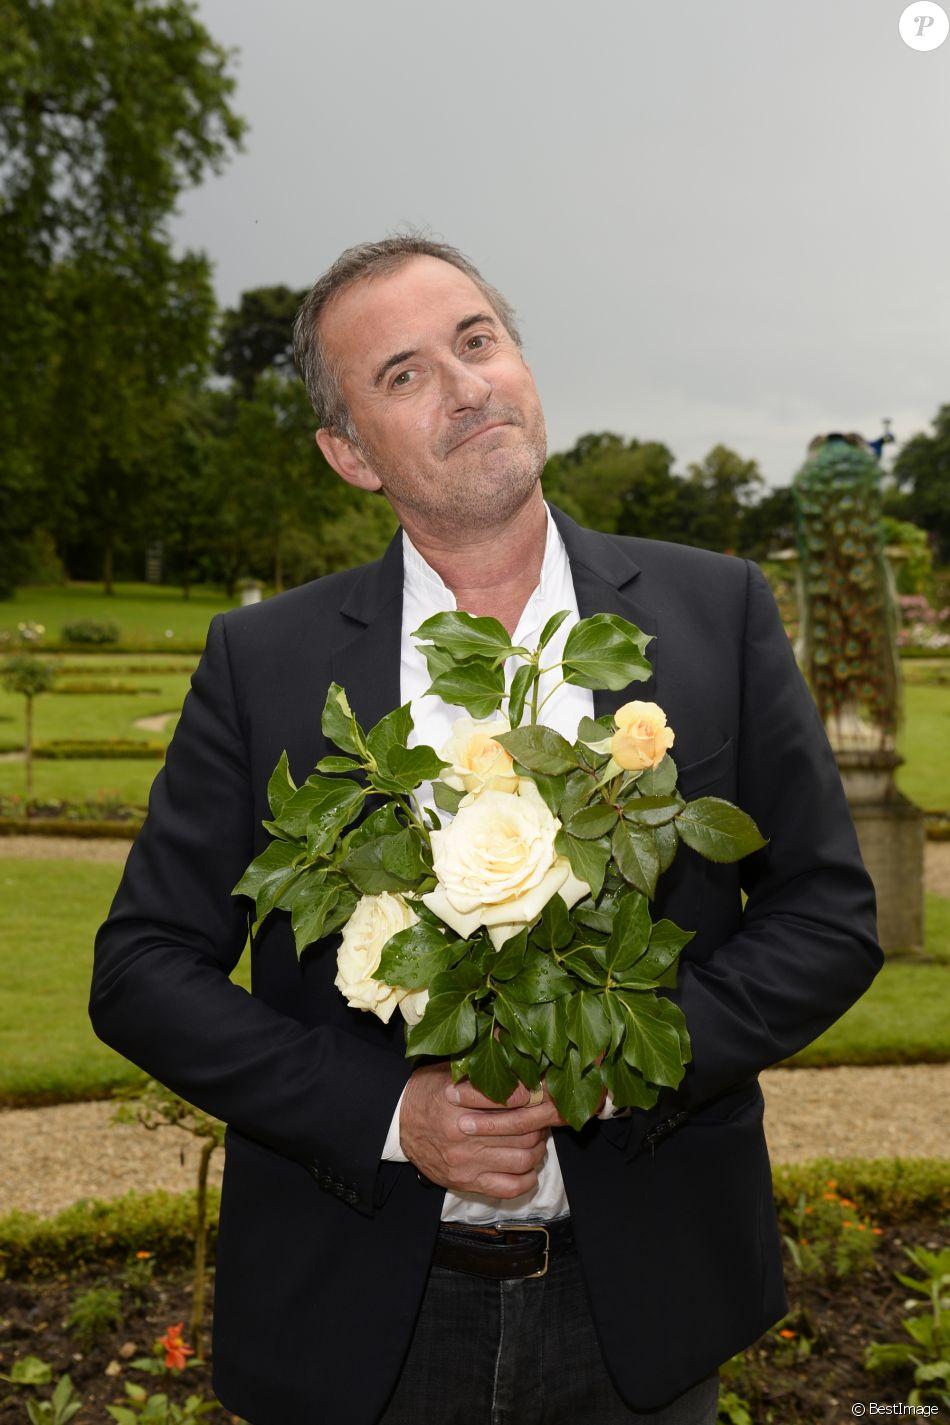 """Exclusif - Baptême de la rose """"Christophe Dechavanne"""" au Parc de Bagatelle à Paris le 16 juin 2016. ® Meibarbaru."""